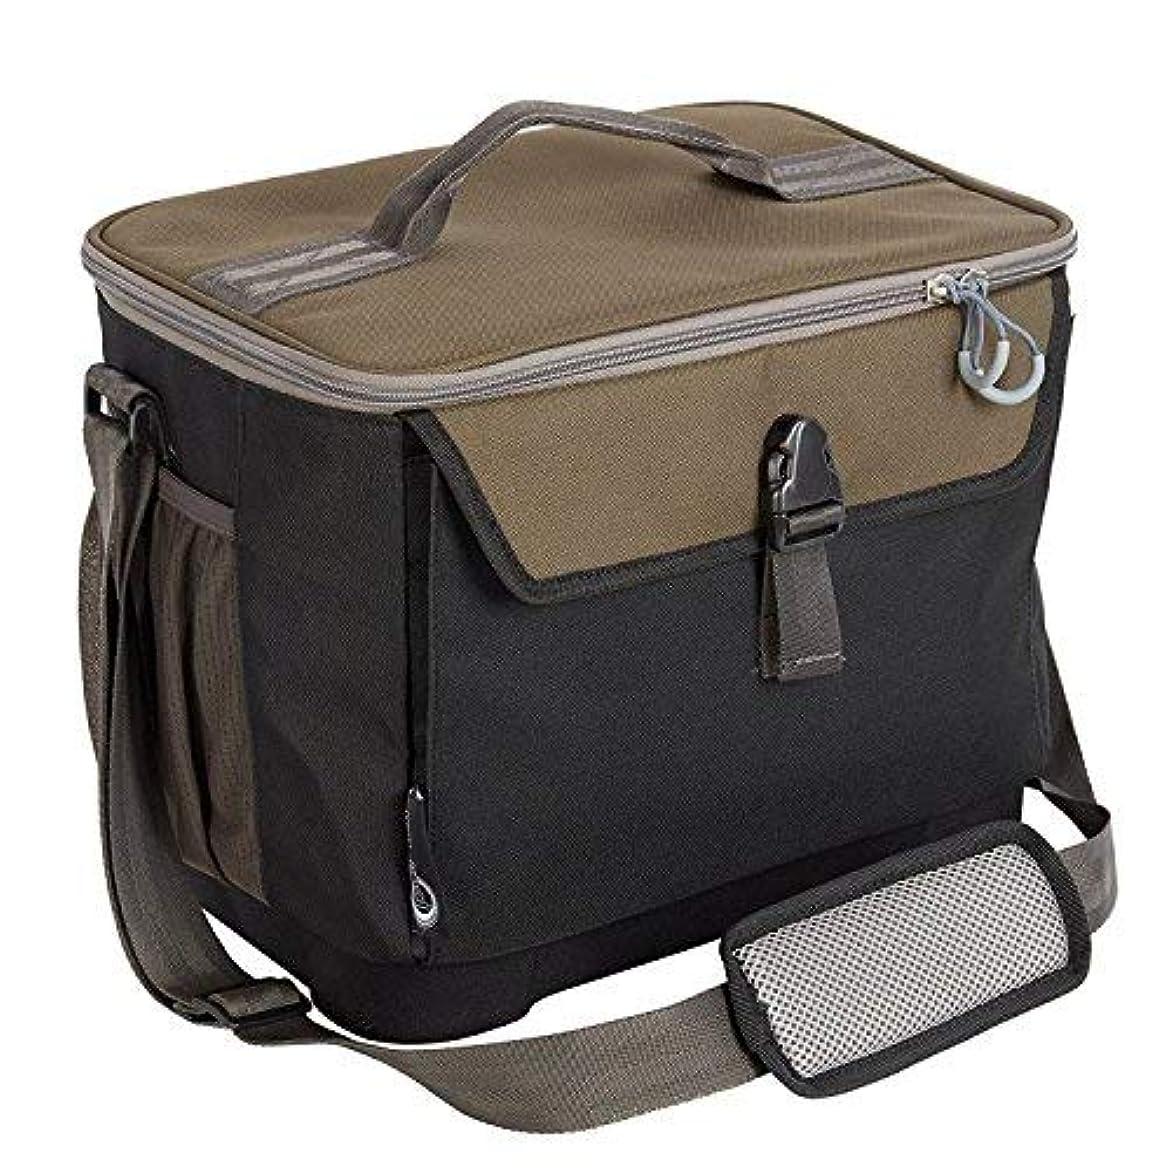 クラックポットサイバースペースふくろうPORTAL 30 Can Insulated Cooler Bag Large Soft Cooler Picnic Bag for Camping Beach Picnic BBQ [並行輸入品]